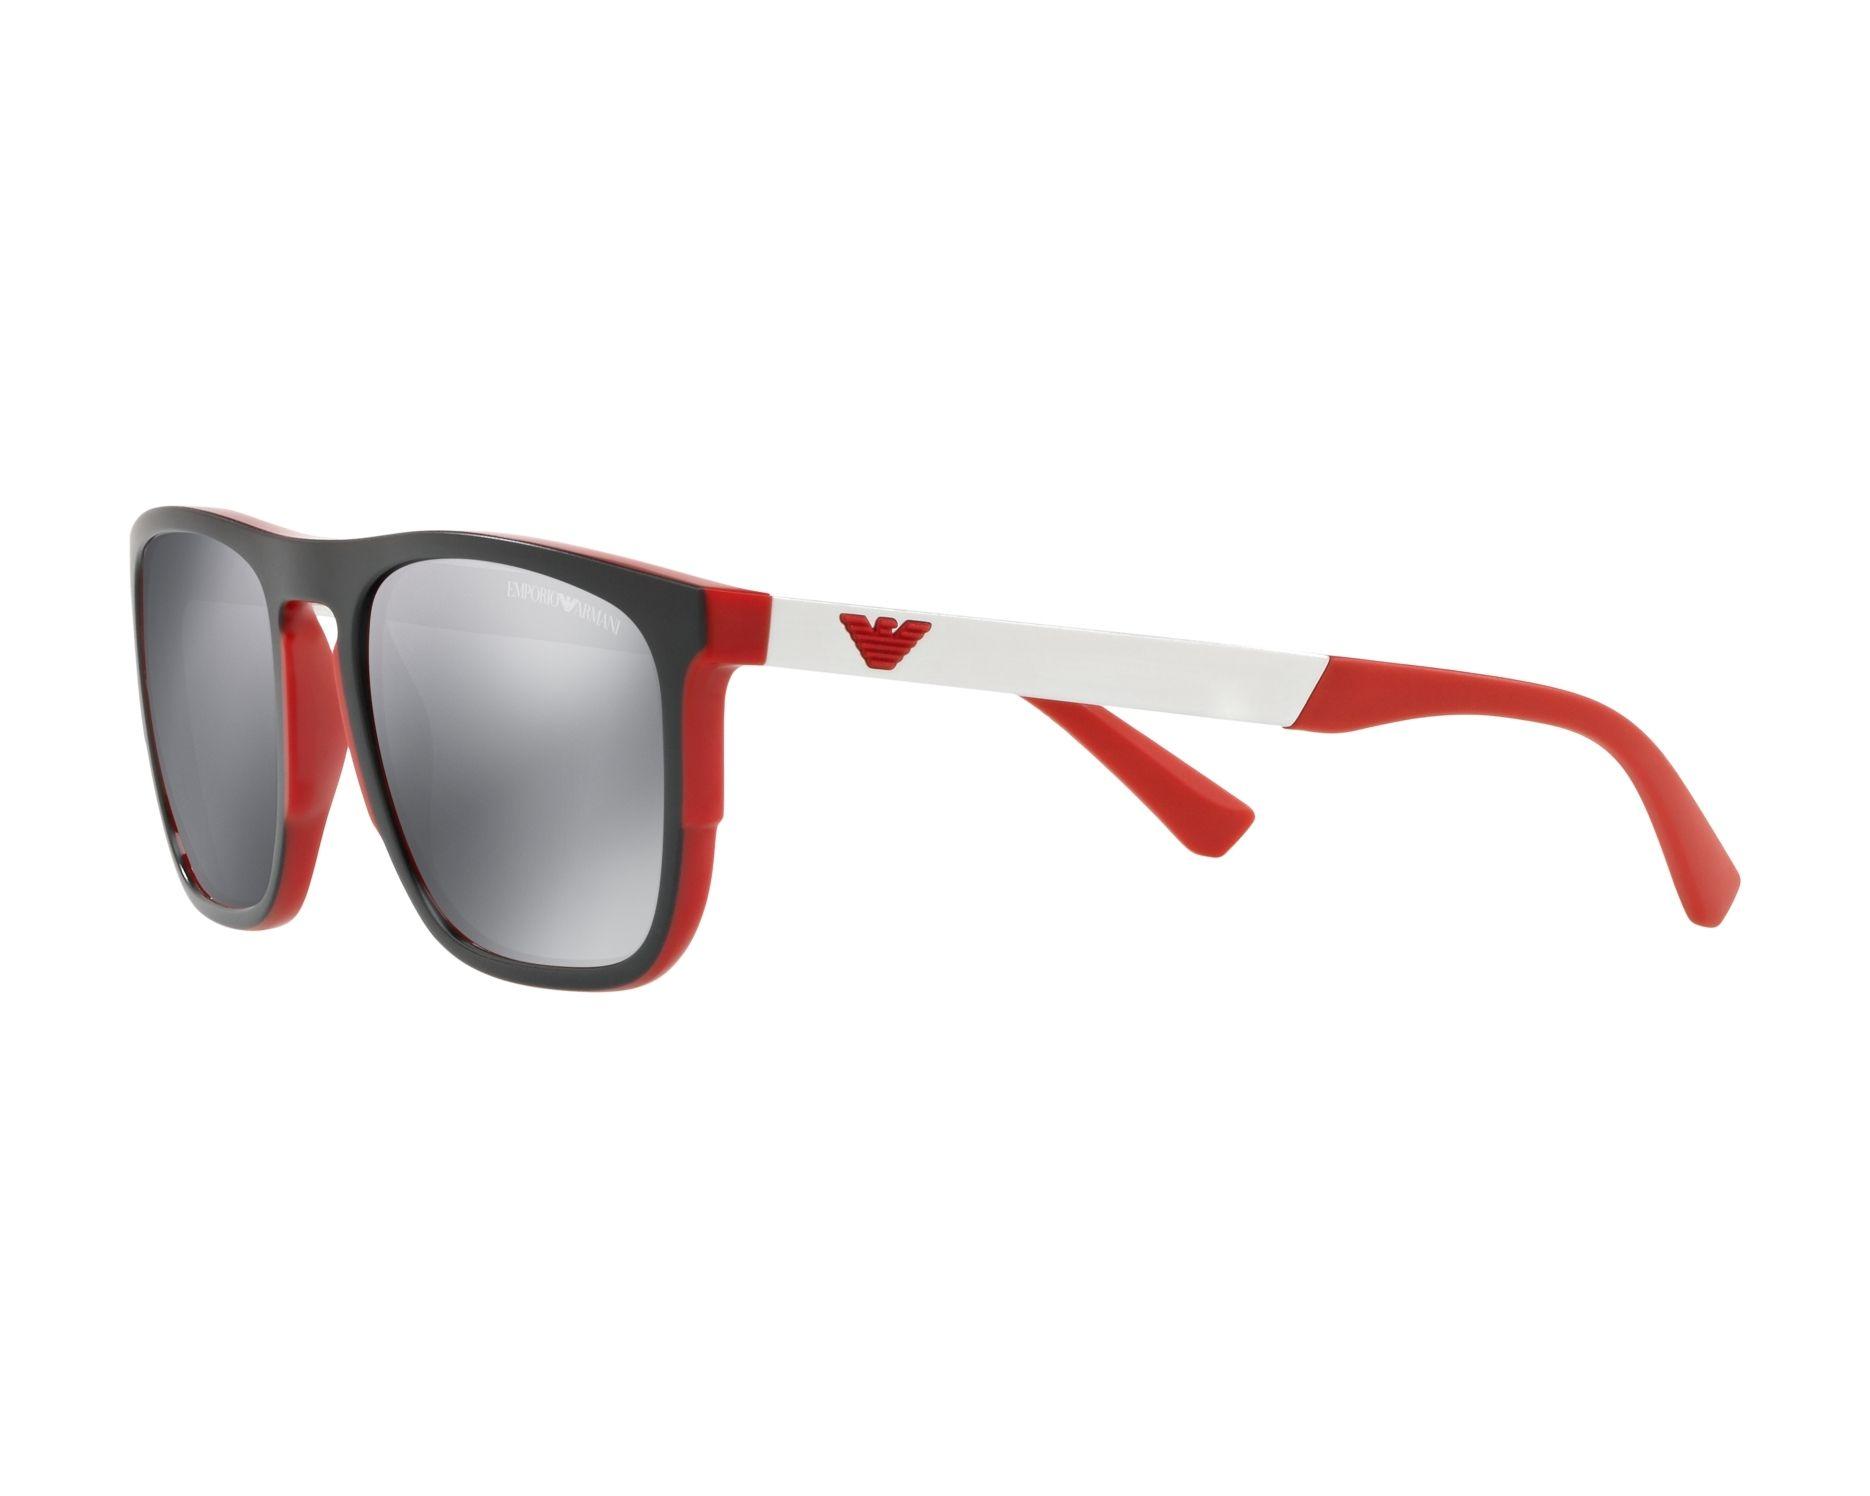 8d1e42a045 Sunglasses Emporio Armani EA-4114 56726G 55-20 Black Red 360 degree view 3